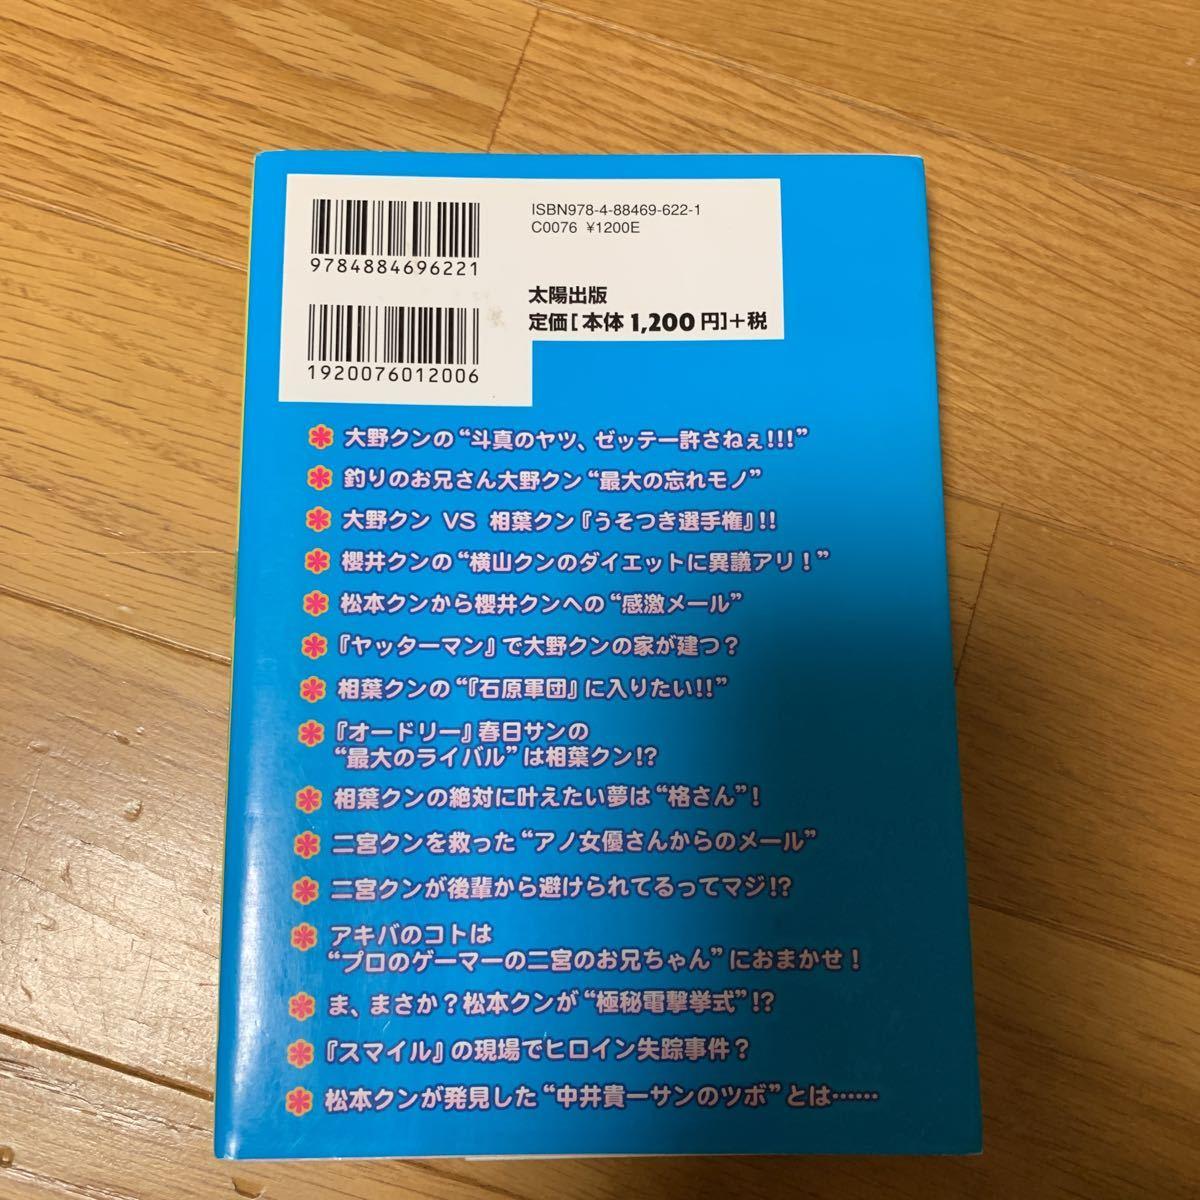 嵐 だより 本 エピソード満載 太陽出版 09年初版 松本潤 櫻井翔 二宮和也 大野智 相葉雅紀 ジャニーズ アイドル Jauce Shopping Service Yahoo Japan Auctions Ebay Japan